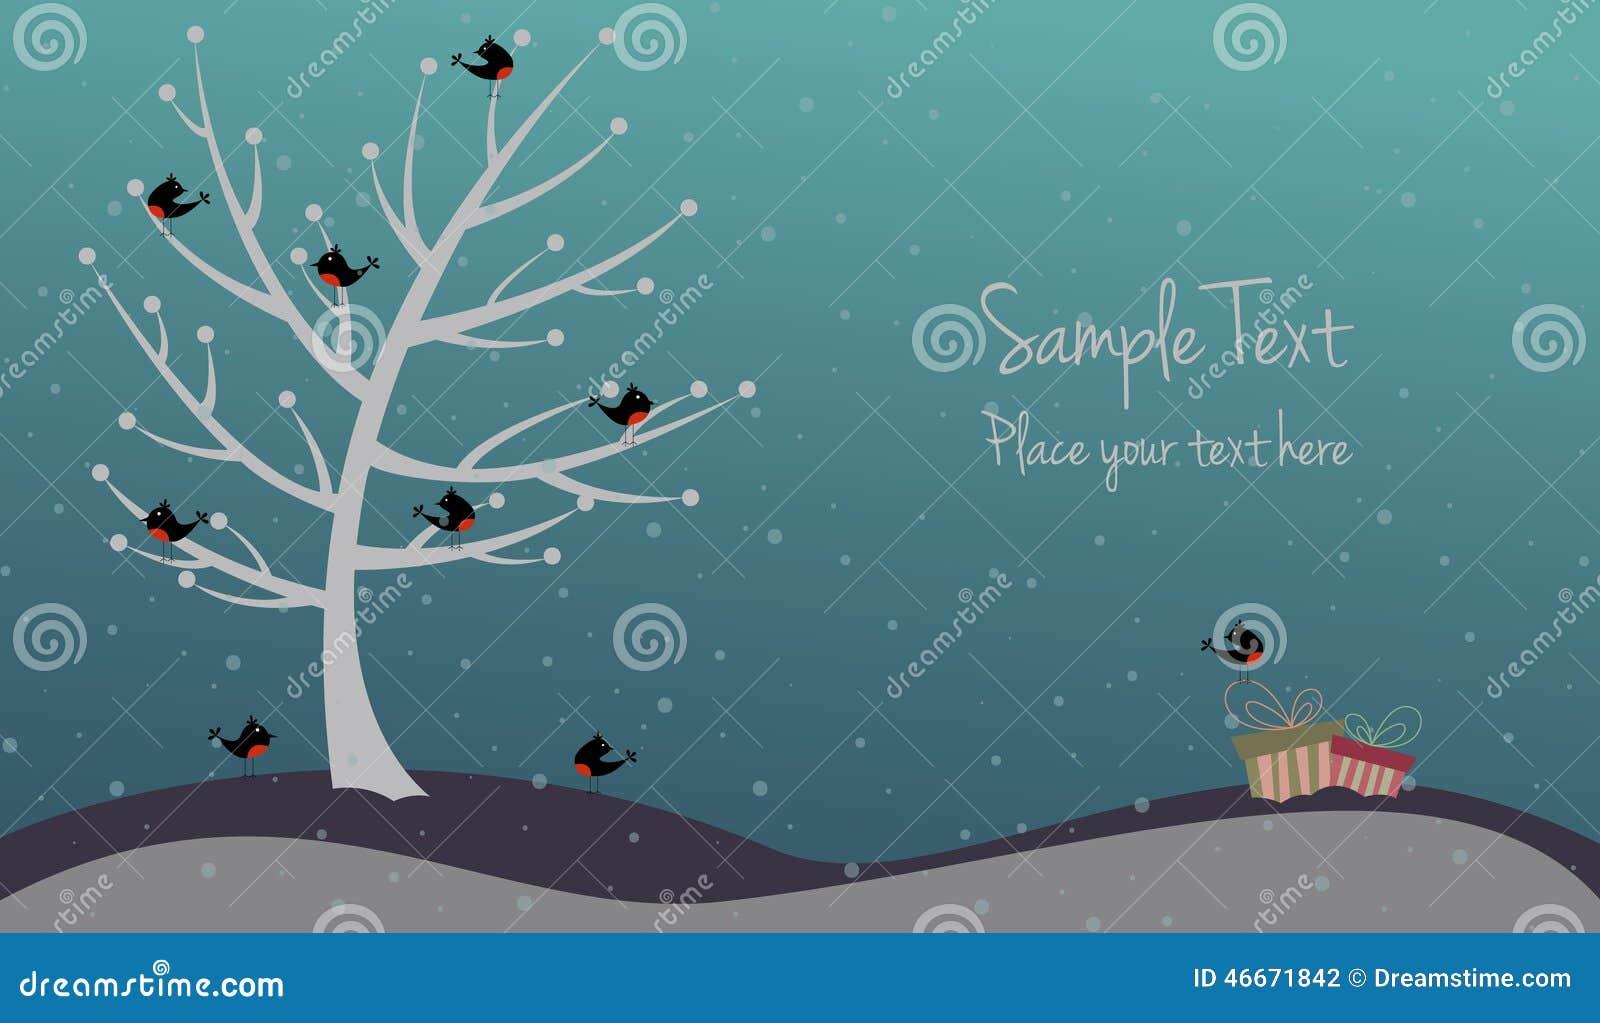 De leuke Kerstkaart met Vogels en stelt voor